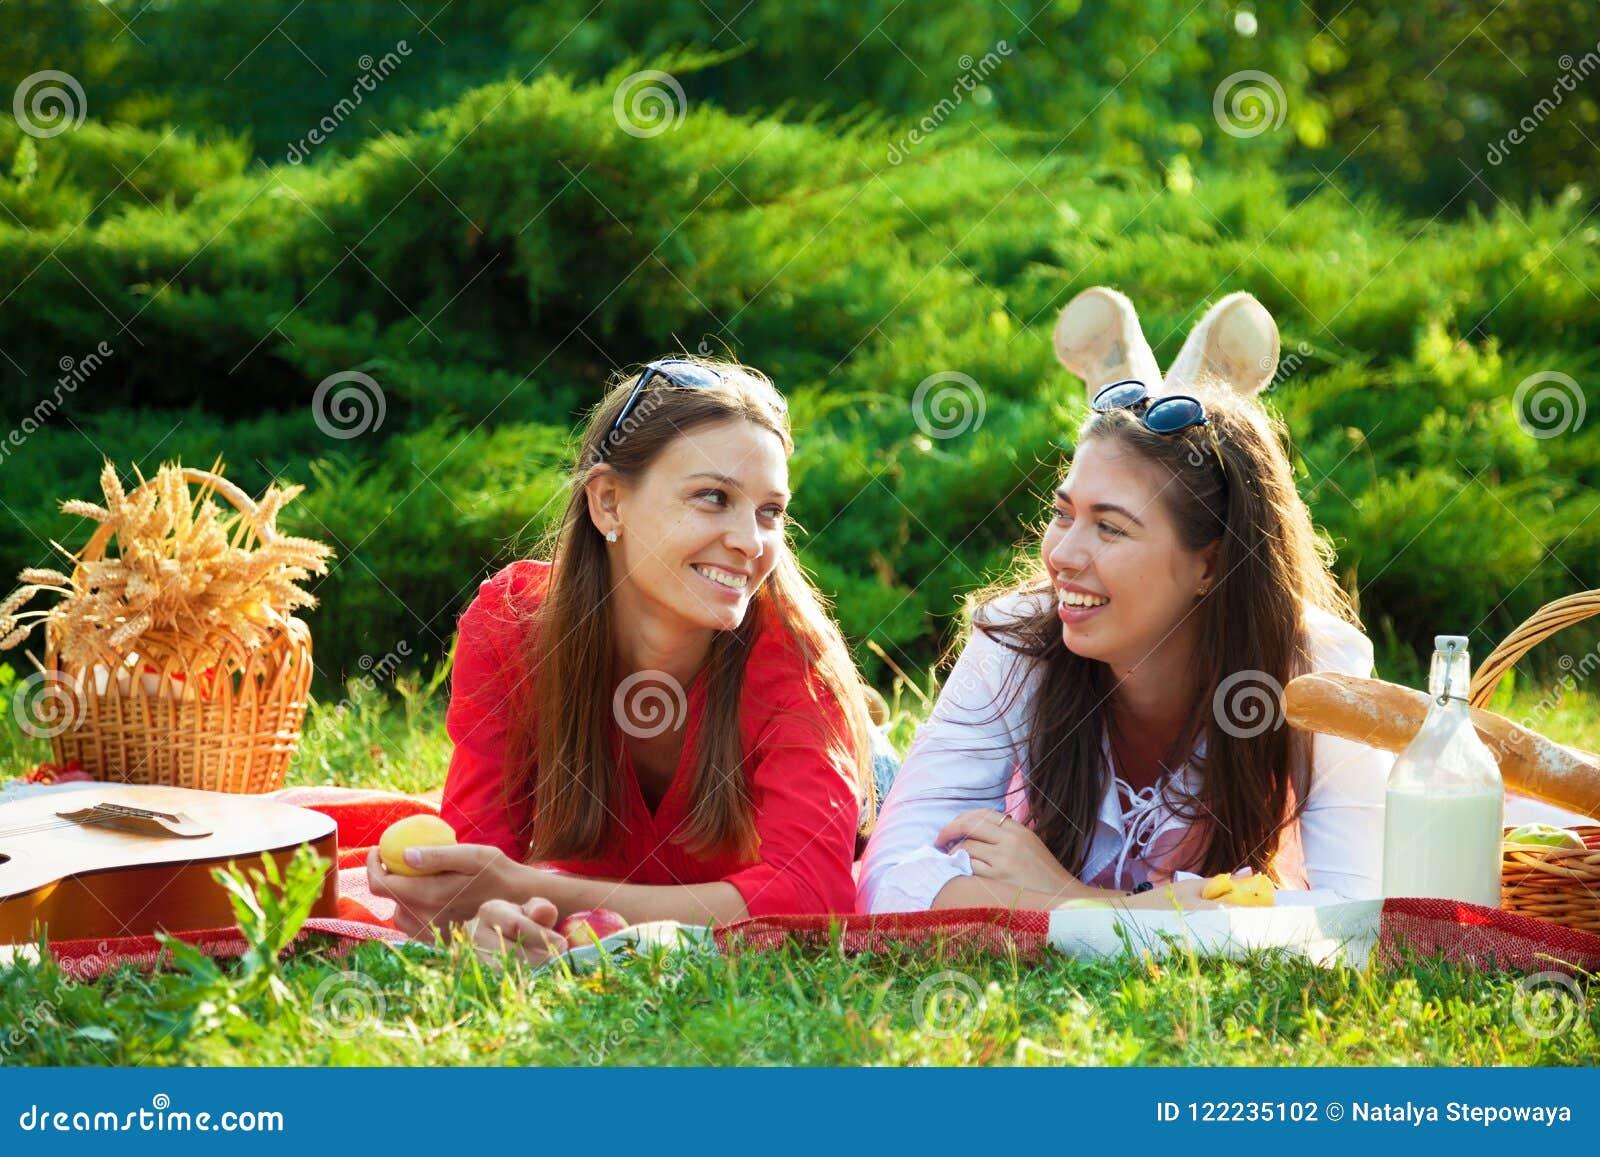 一顿野餐的两个美丽的女孩在夏天在谈的公园获得乐趣和拷贝空间